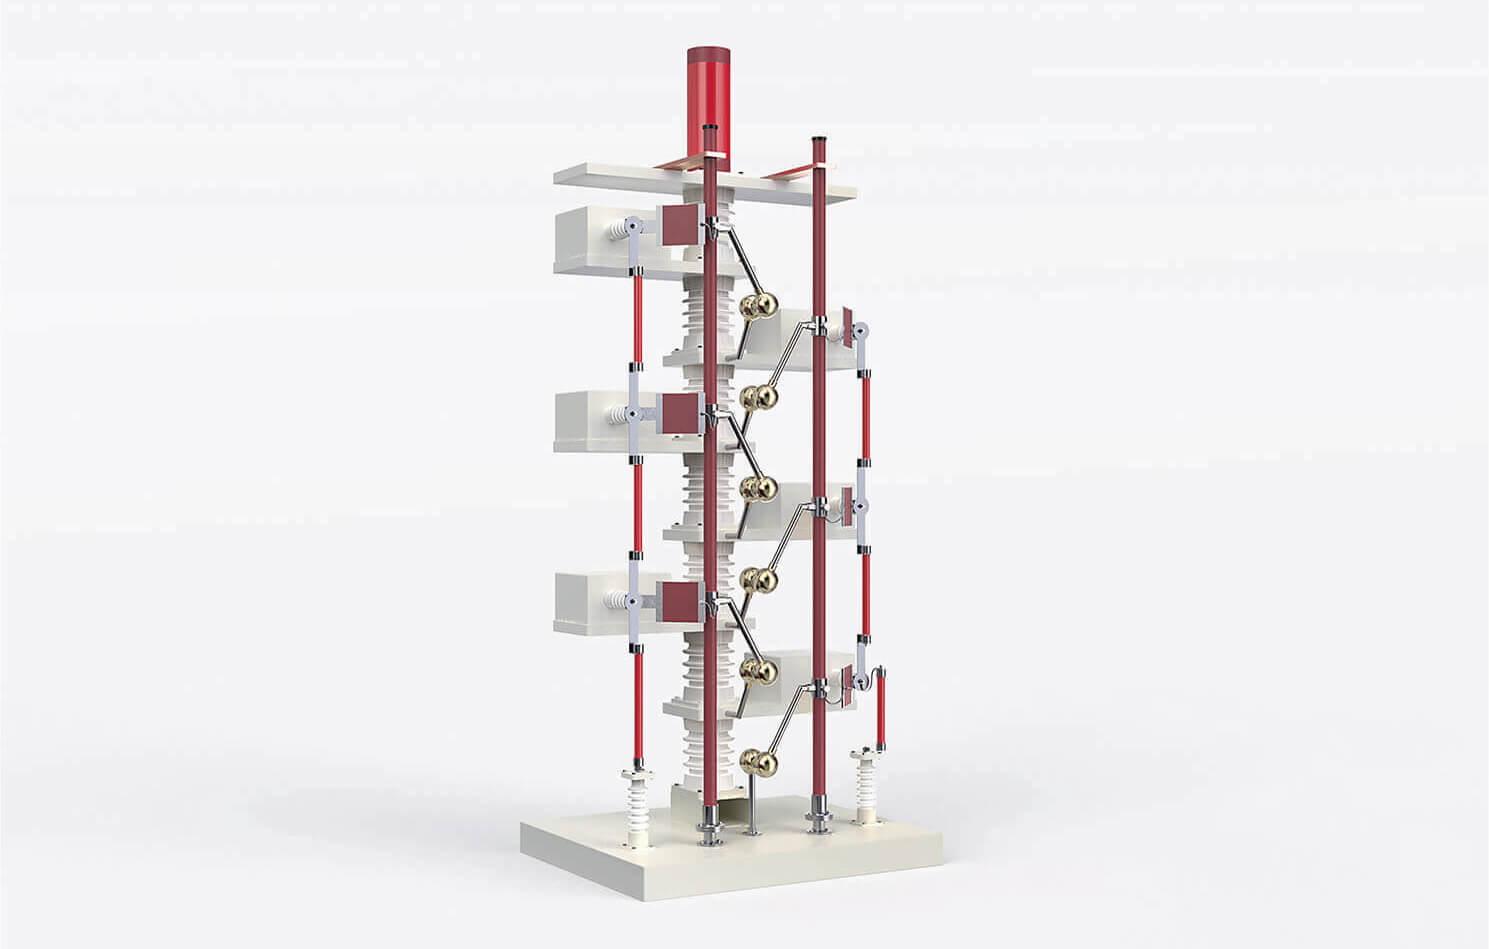 インパルス電圧発生装置